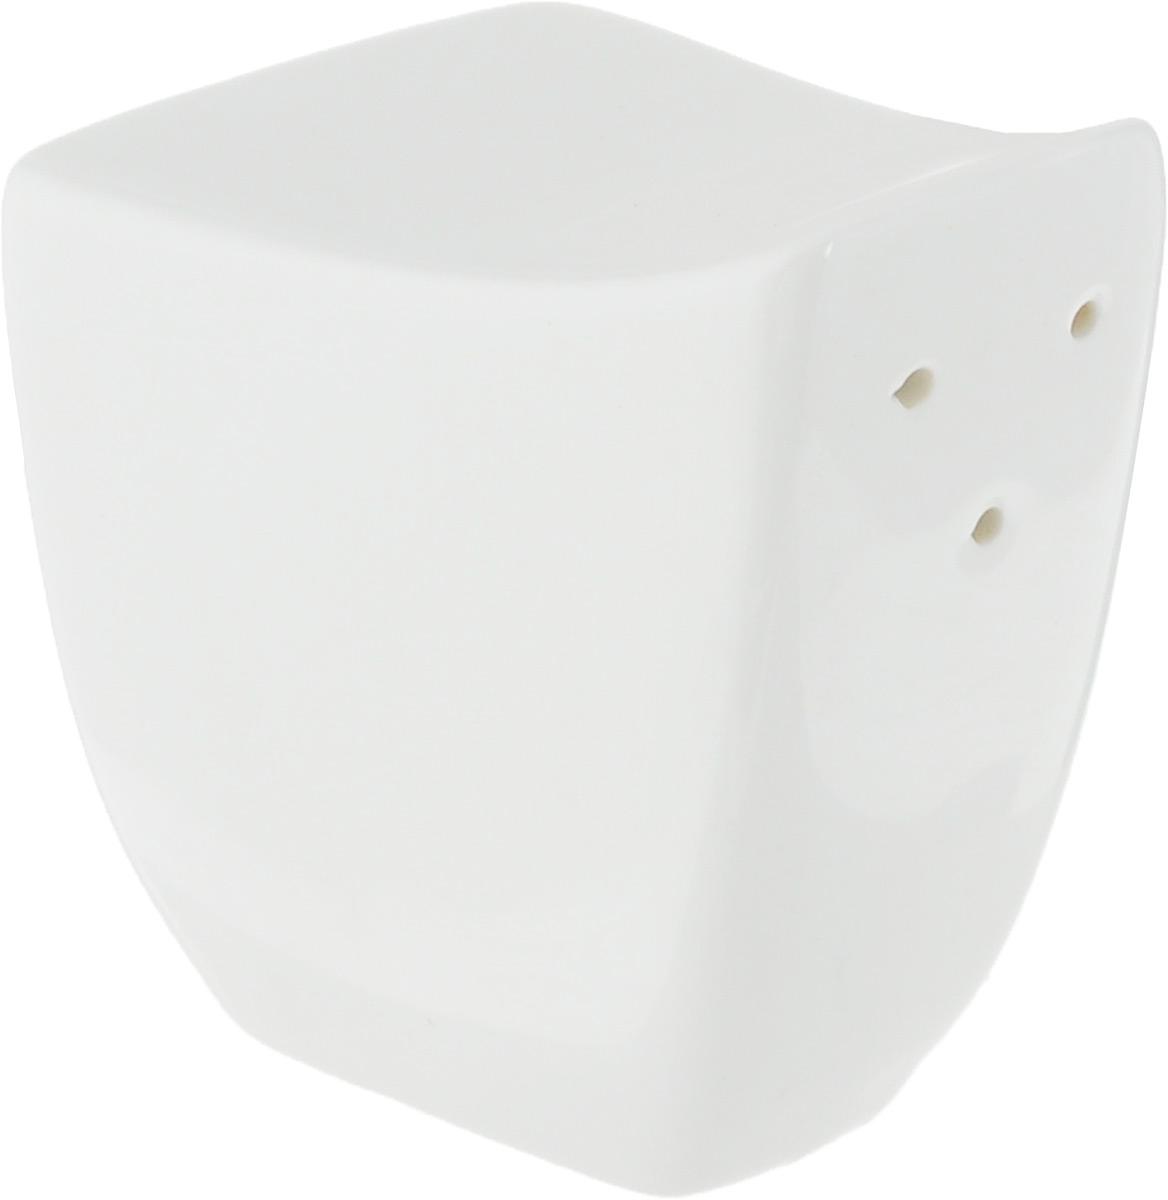 Солонка Ariane Rectangle, 5 х 5,5 х 4 смAVRARN71001Солонка Ariane Rectangle изготовлена из высококачественного фарфора белого цвета. Солонка имеет три отверстия для высыпания соли, на дне - отверстие, позволяющее наполнить емкость, снабженное силиконовой вставкой.Такая солонка украсит сервировку вашего стола и подчеркнет прекрасный вкус хозяина, а также станет отличным подарком.Можно мыть в посудомоечной машине.